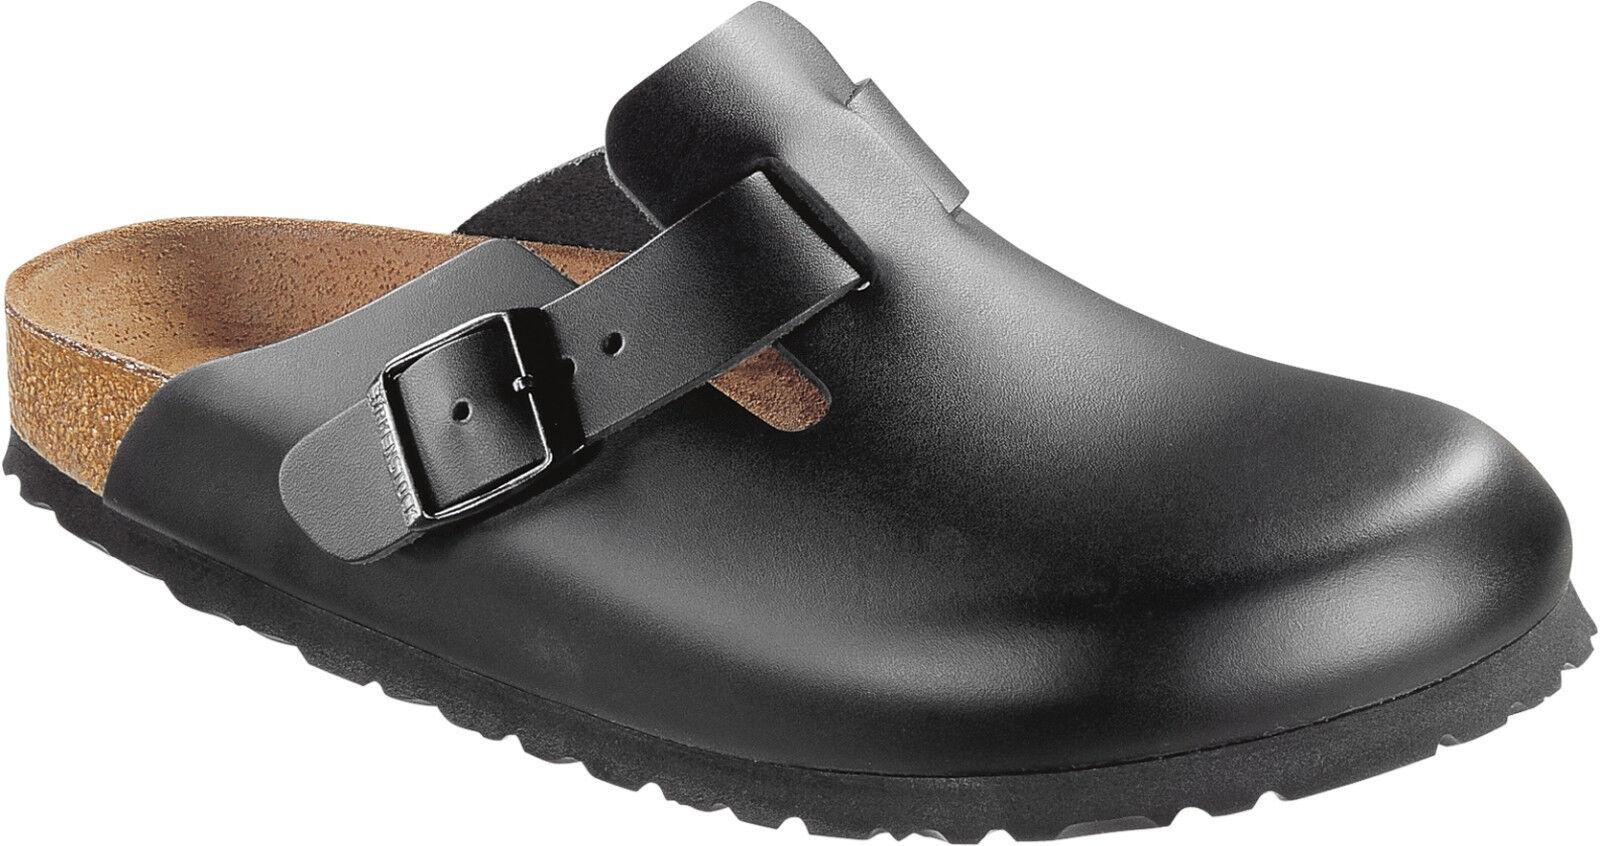 Schuhe BIRKENSTOCK Clog BOSTON, Oberteil Naturleder, WEITE FORM, Größen wählbar